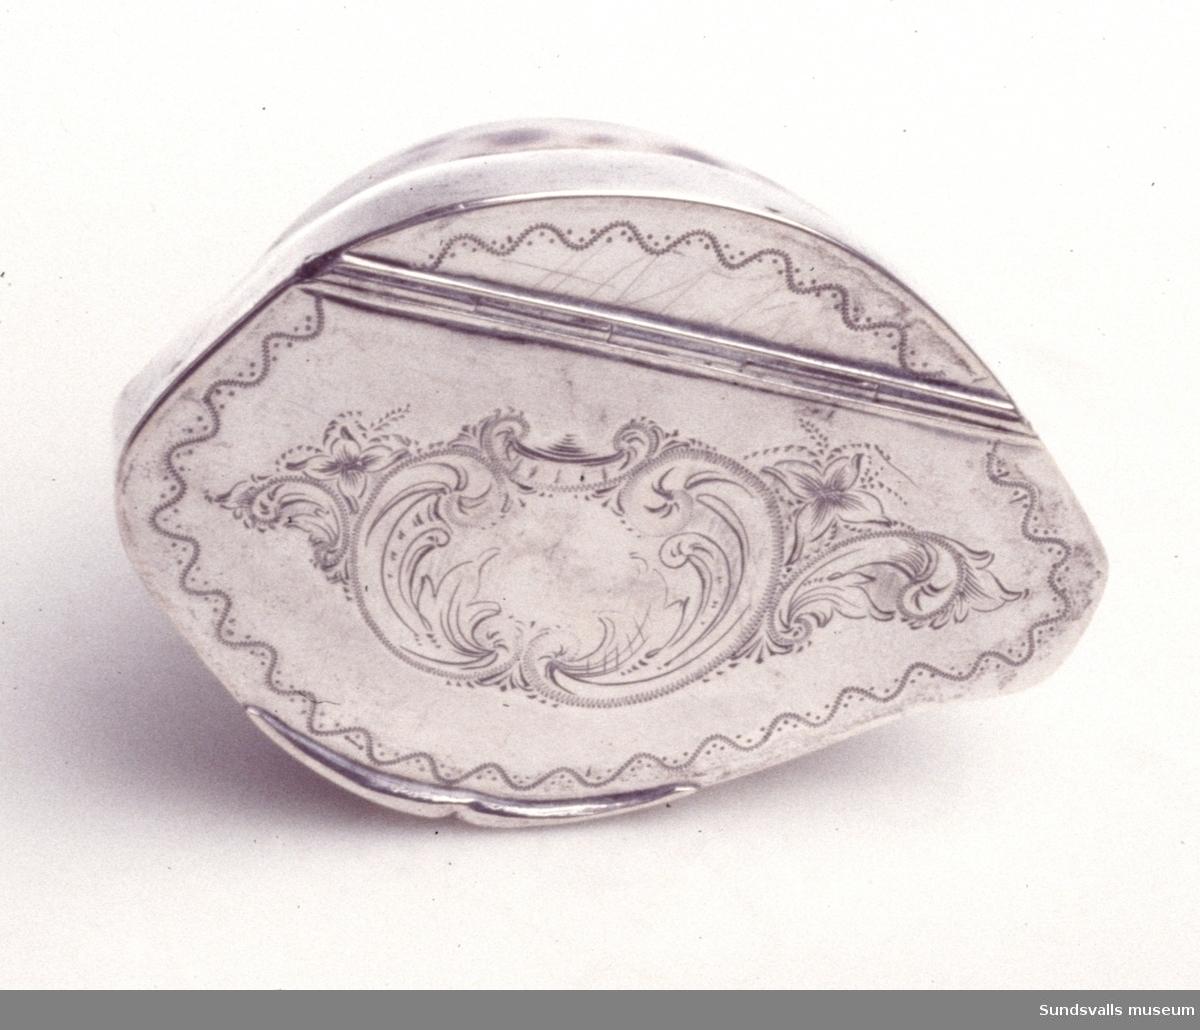 Snusdosa tillverkad av en porslinssnäcka med silverlock och fattning. Locket är förgyllt invändigt. På locket finns graverad dekor föreställande blommor och en kartusch i nyrokoko-stil. Stplr: C.W. Edwall, Sundsvall 1879.